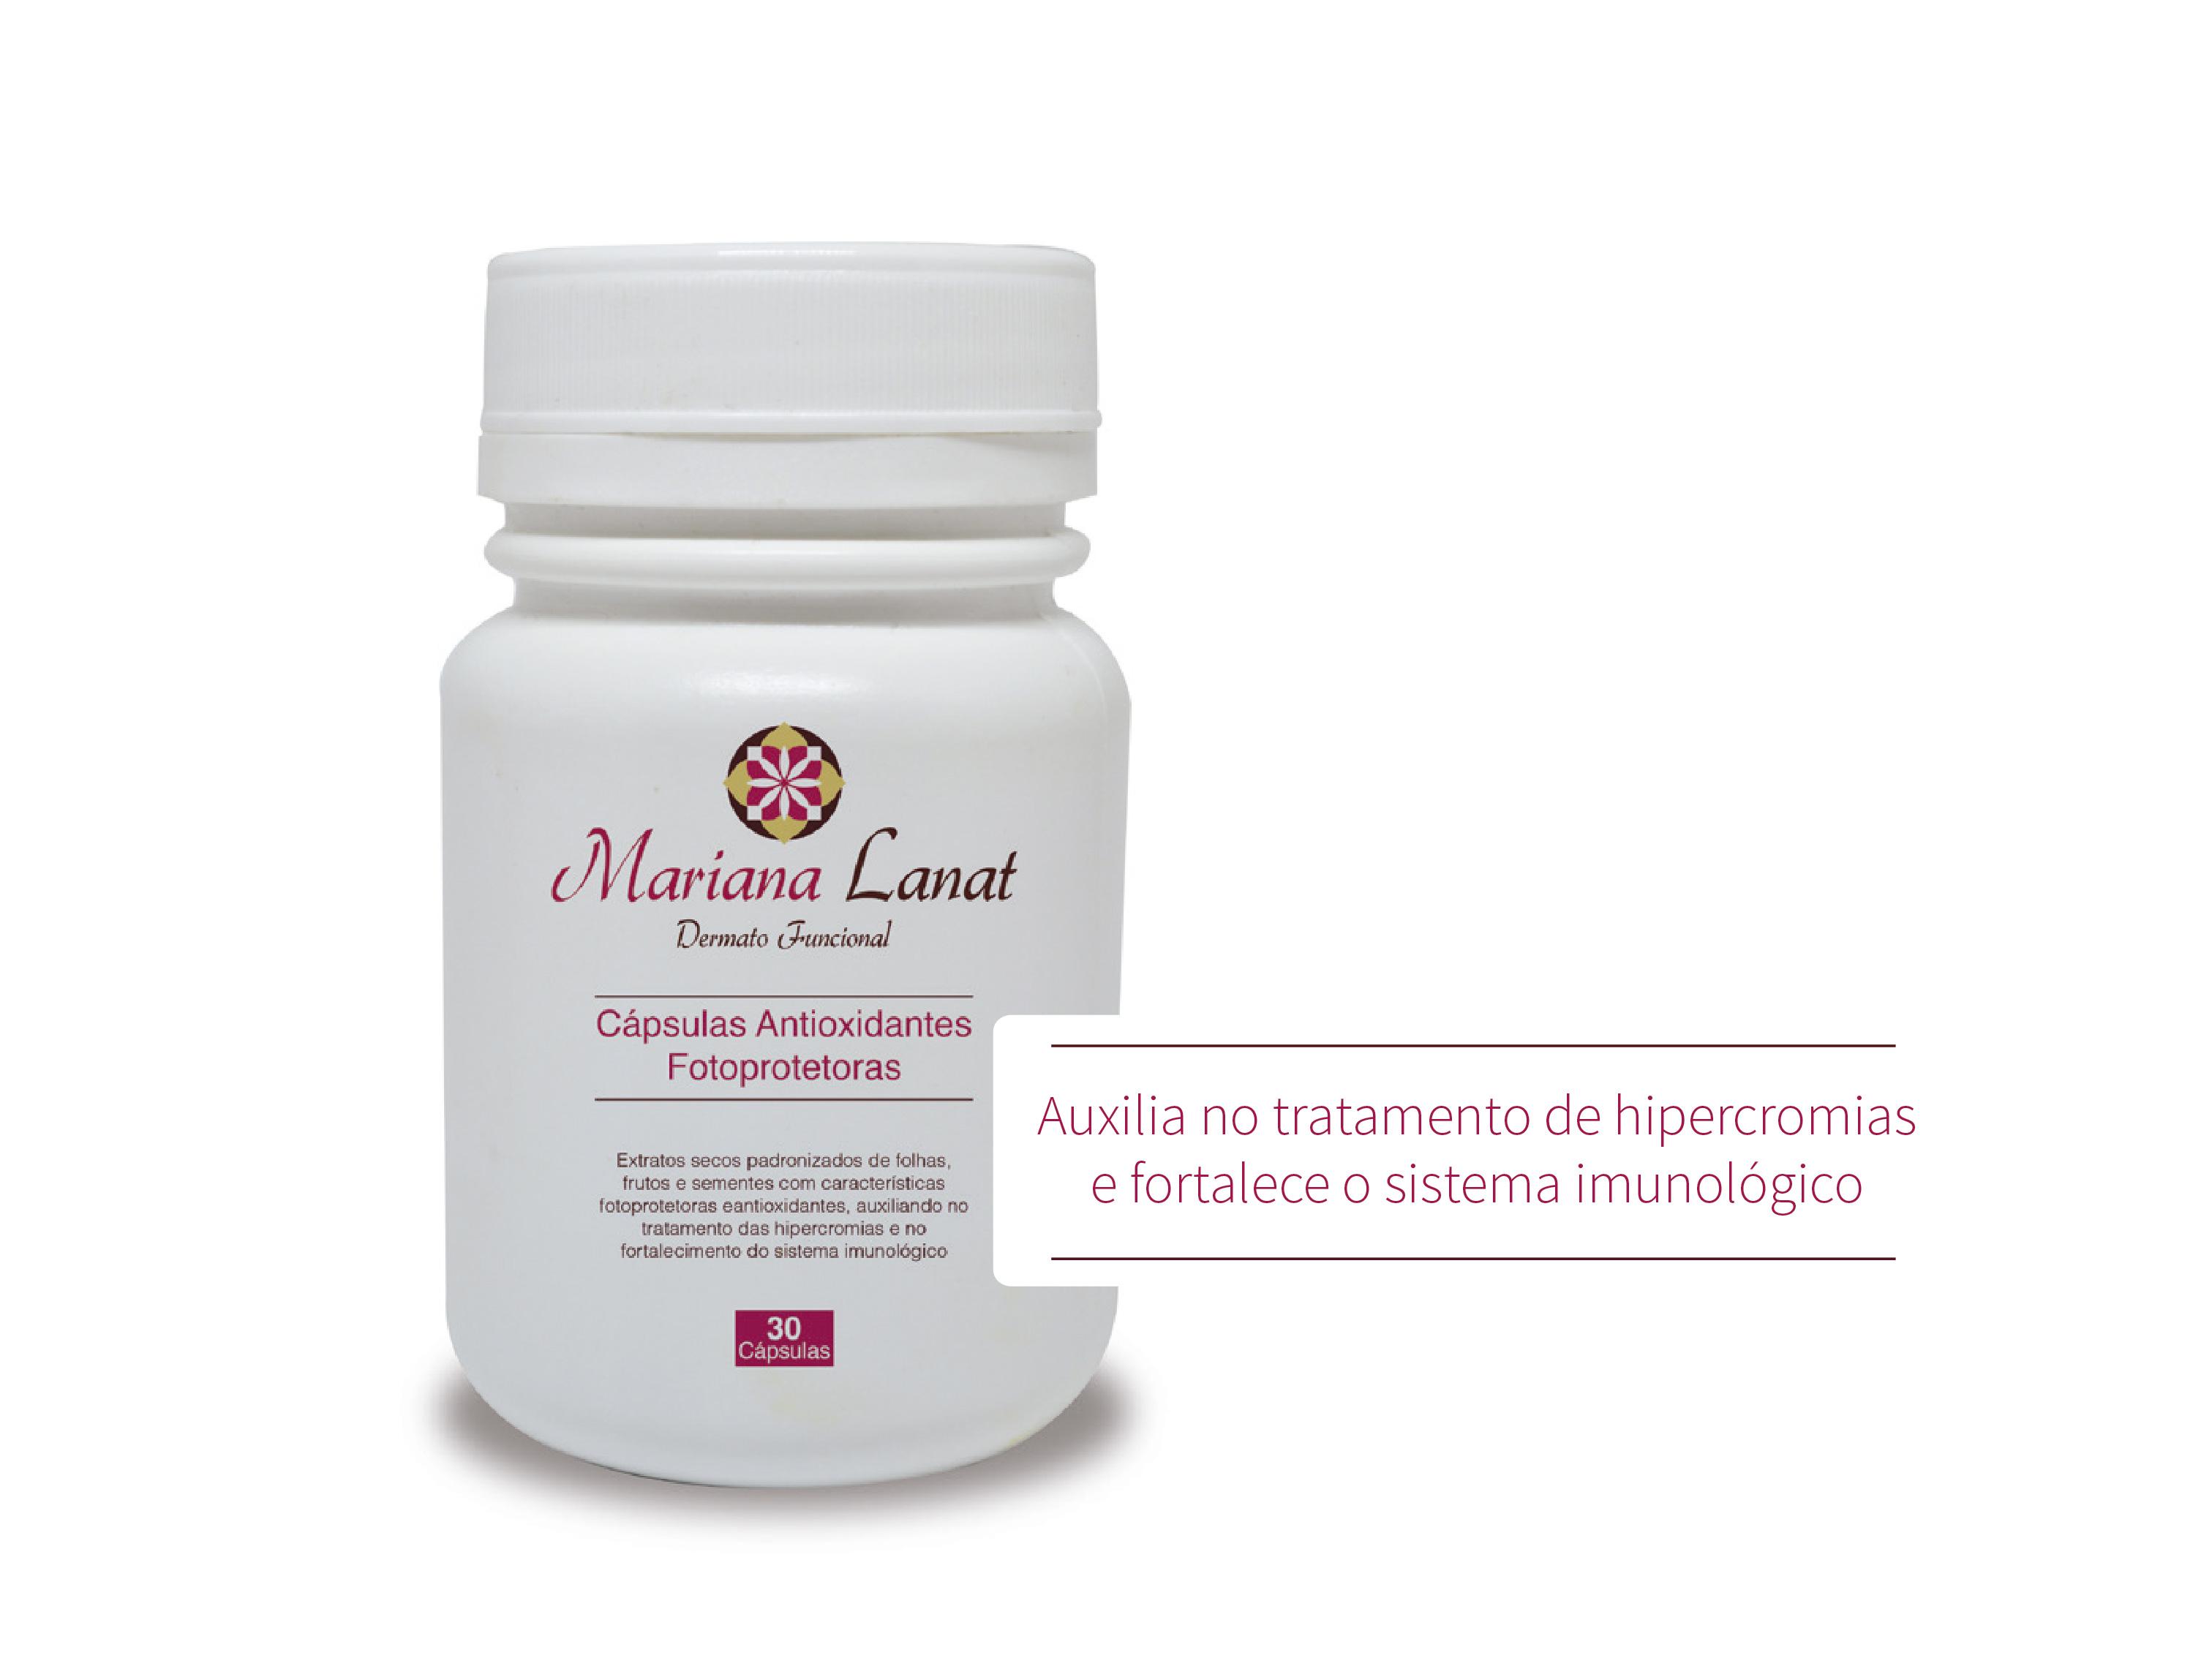 Extratos secos padronizados de folhas, frutos e sementes com características fotoprotetoras e antioxidantes, auxiliando no tratamento das hipercromias e no fortalecimento do sistema imunológico.